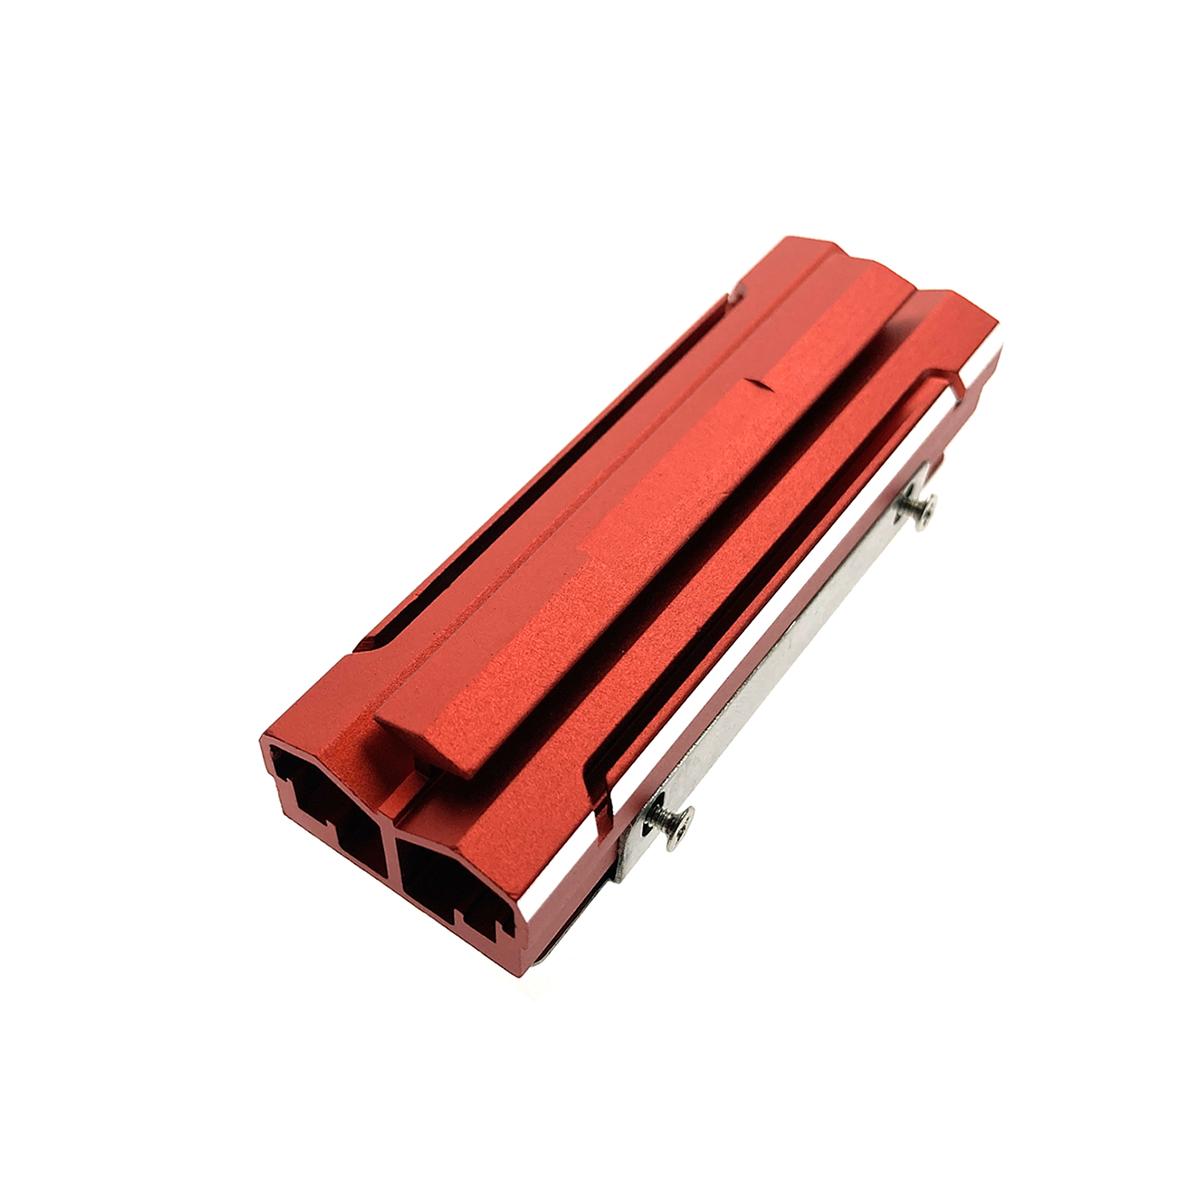 Радиатор для SSD М.2 2280 алюминиевый, модель ESP-R6, Espada, цвет красный